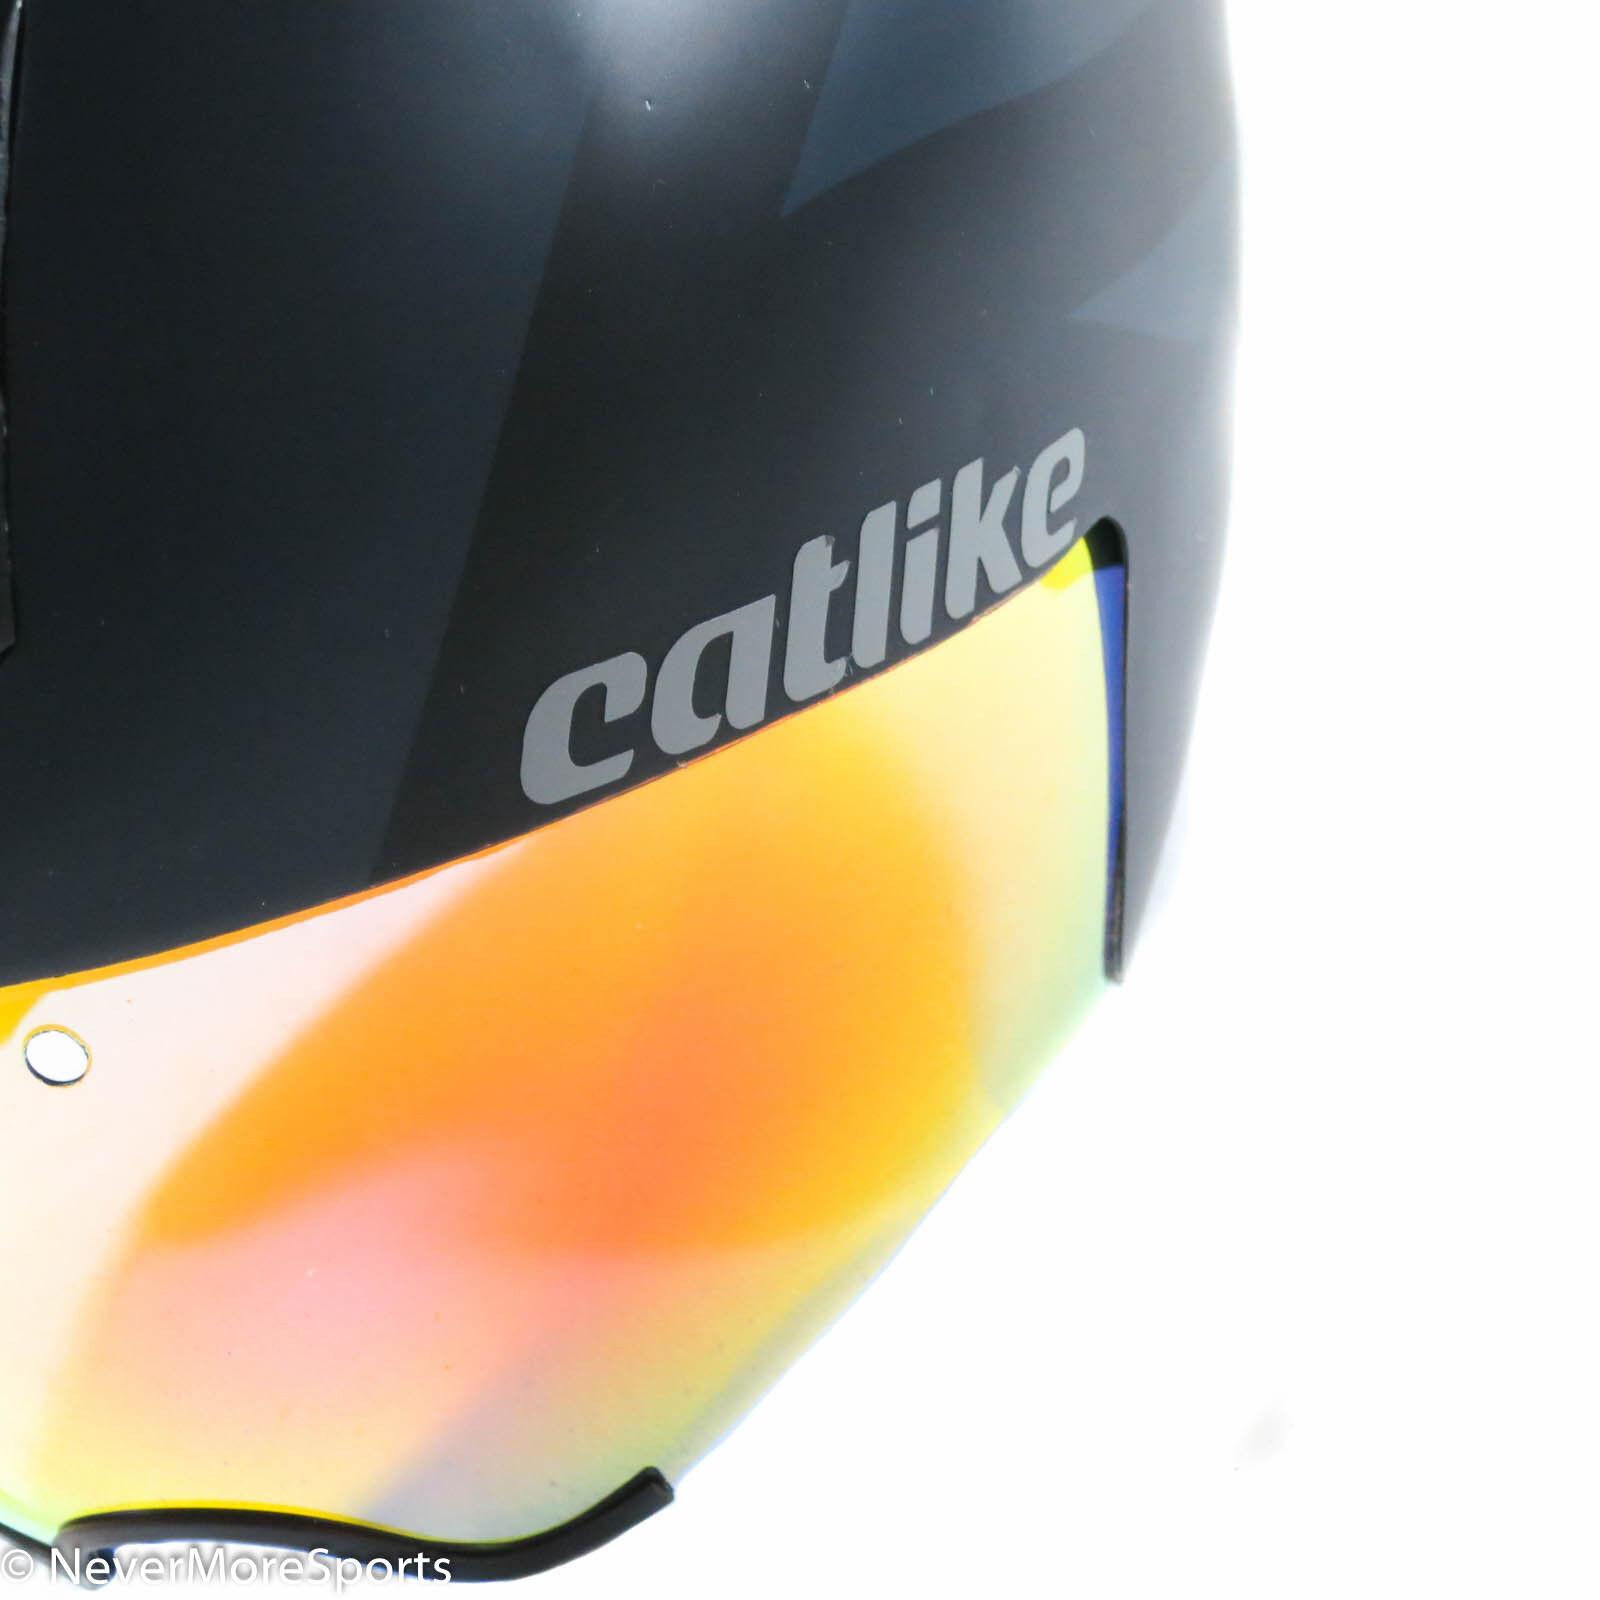 Catlike Chrono Aero WT TT Tri Helmet Med Large 57-60cm BLK GRY 2130011MDLGVR